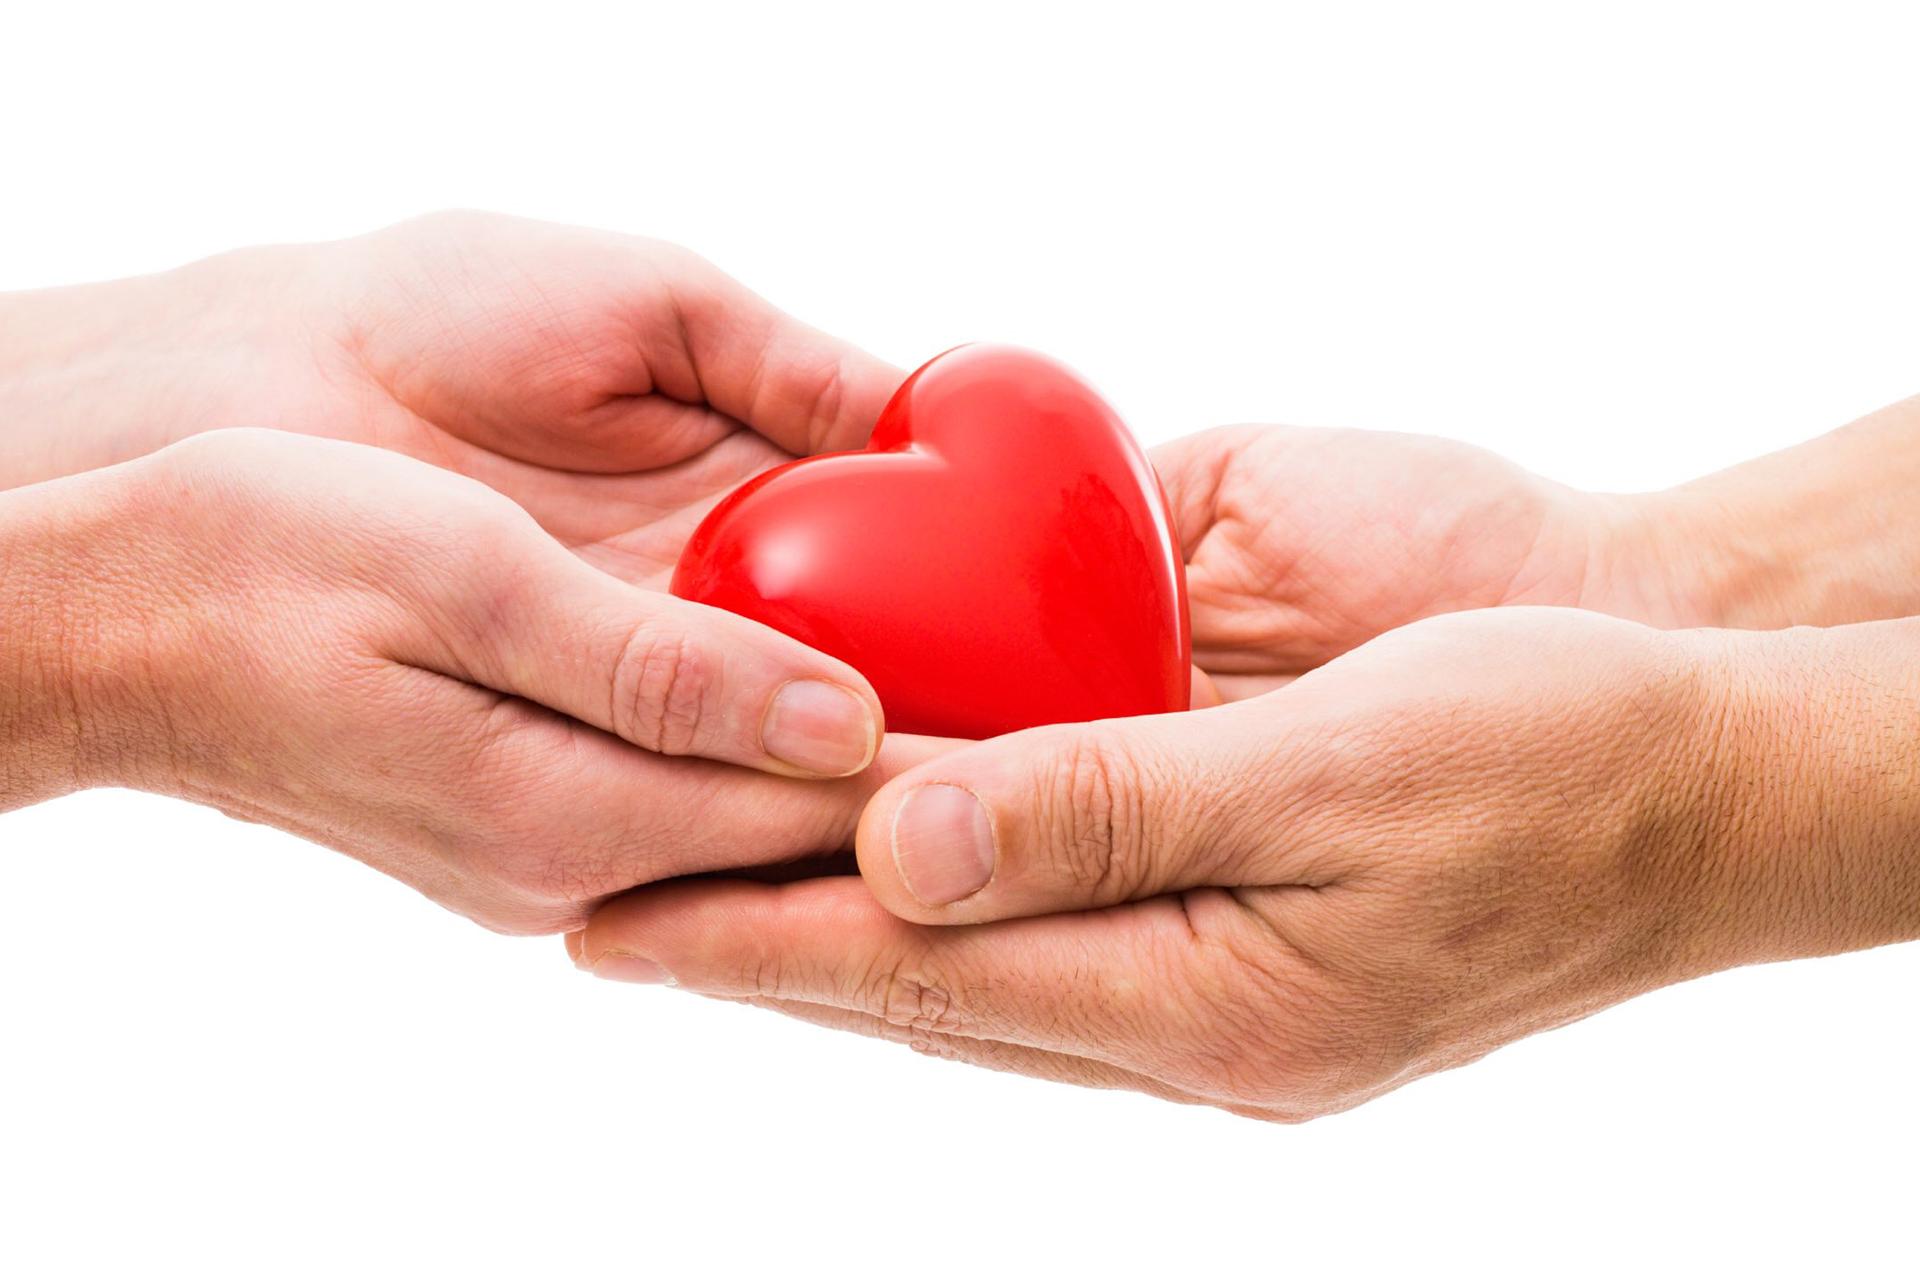 didasclaia donazione